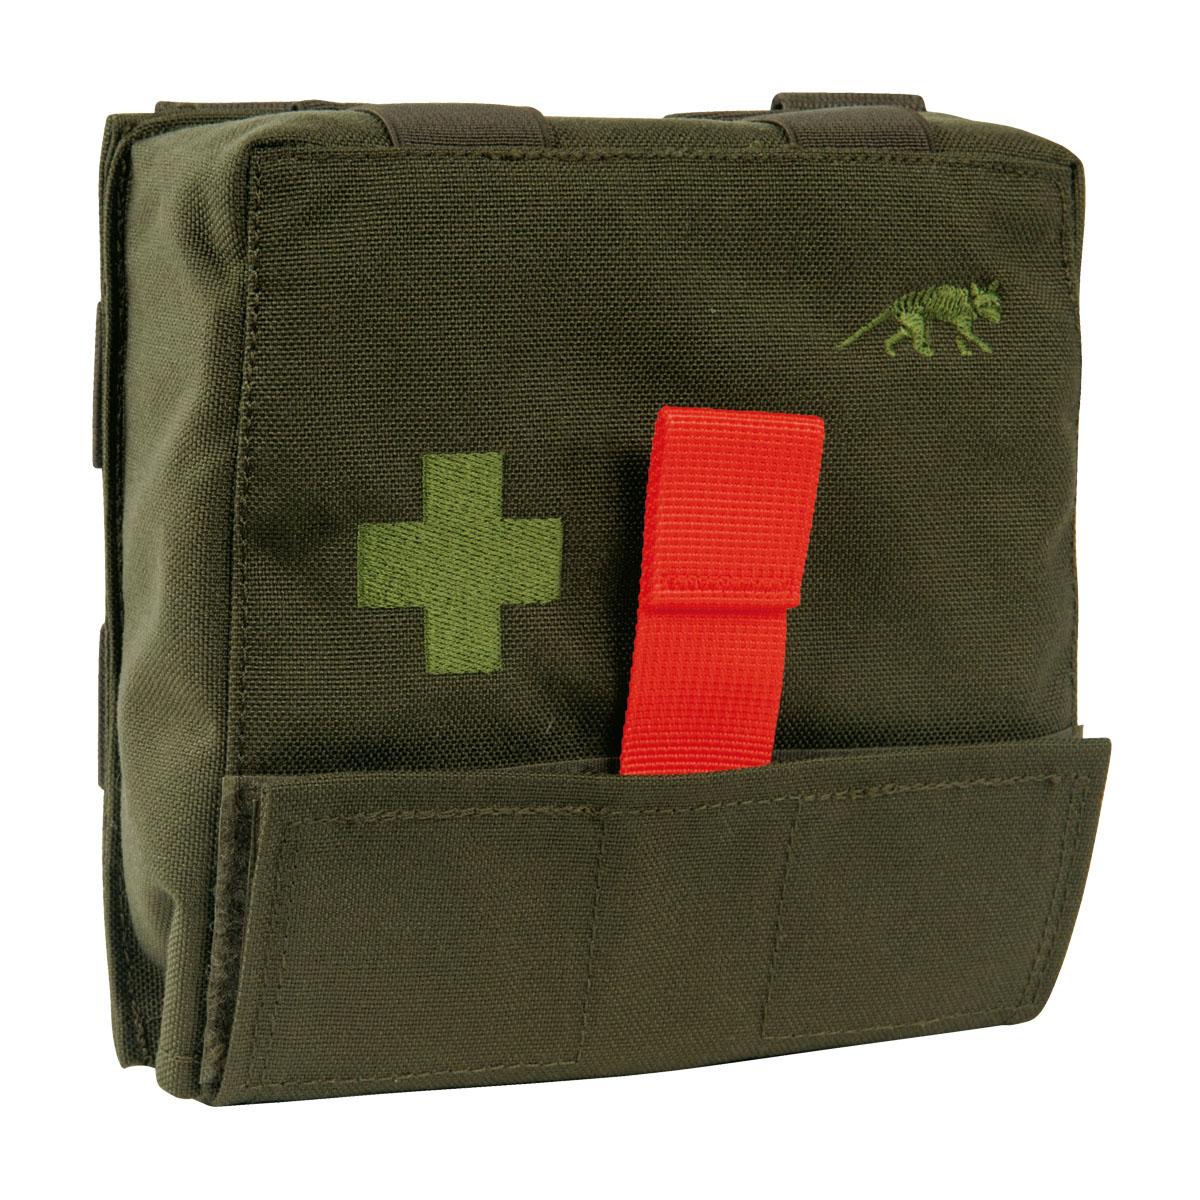 Подсумок-аптечка TT IFAK POUCH S olive, 7687.331 - артикул: 821640193